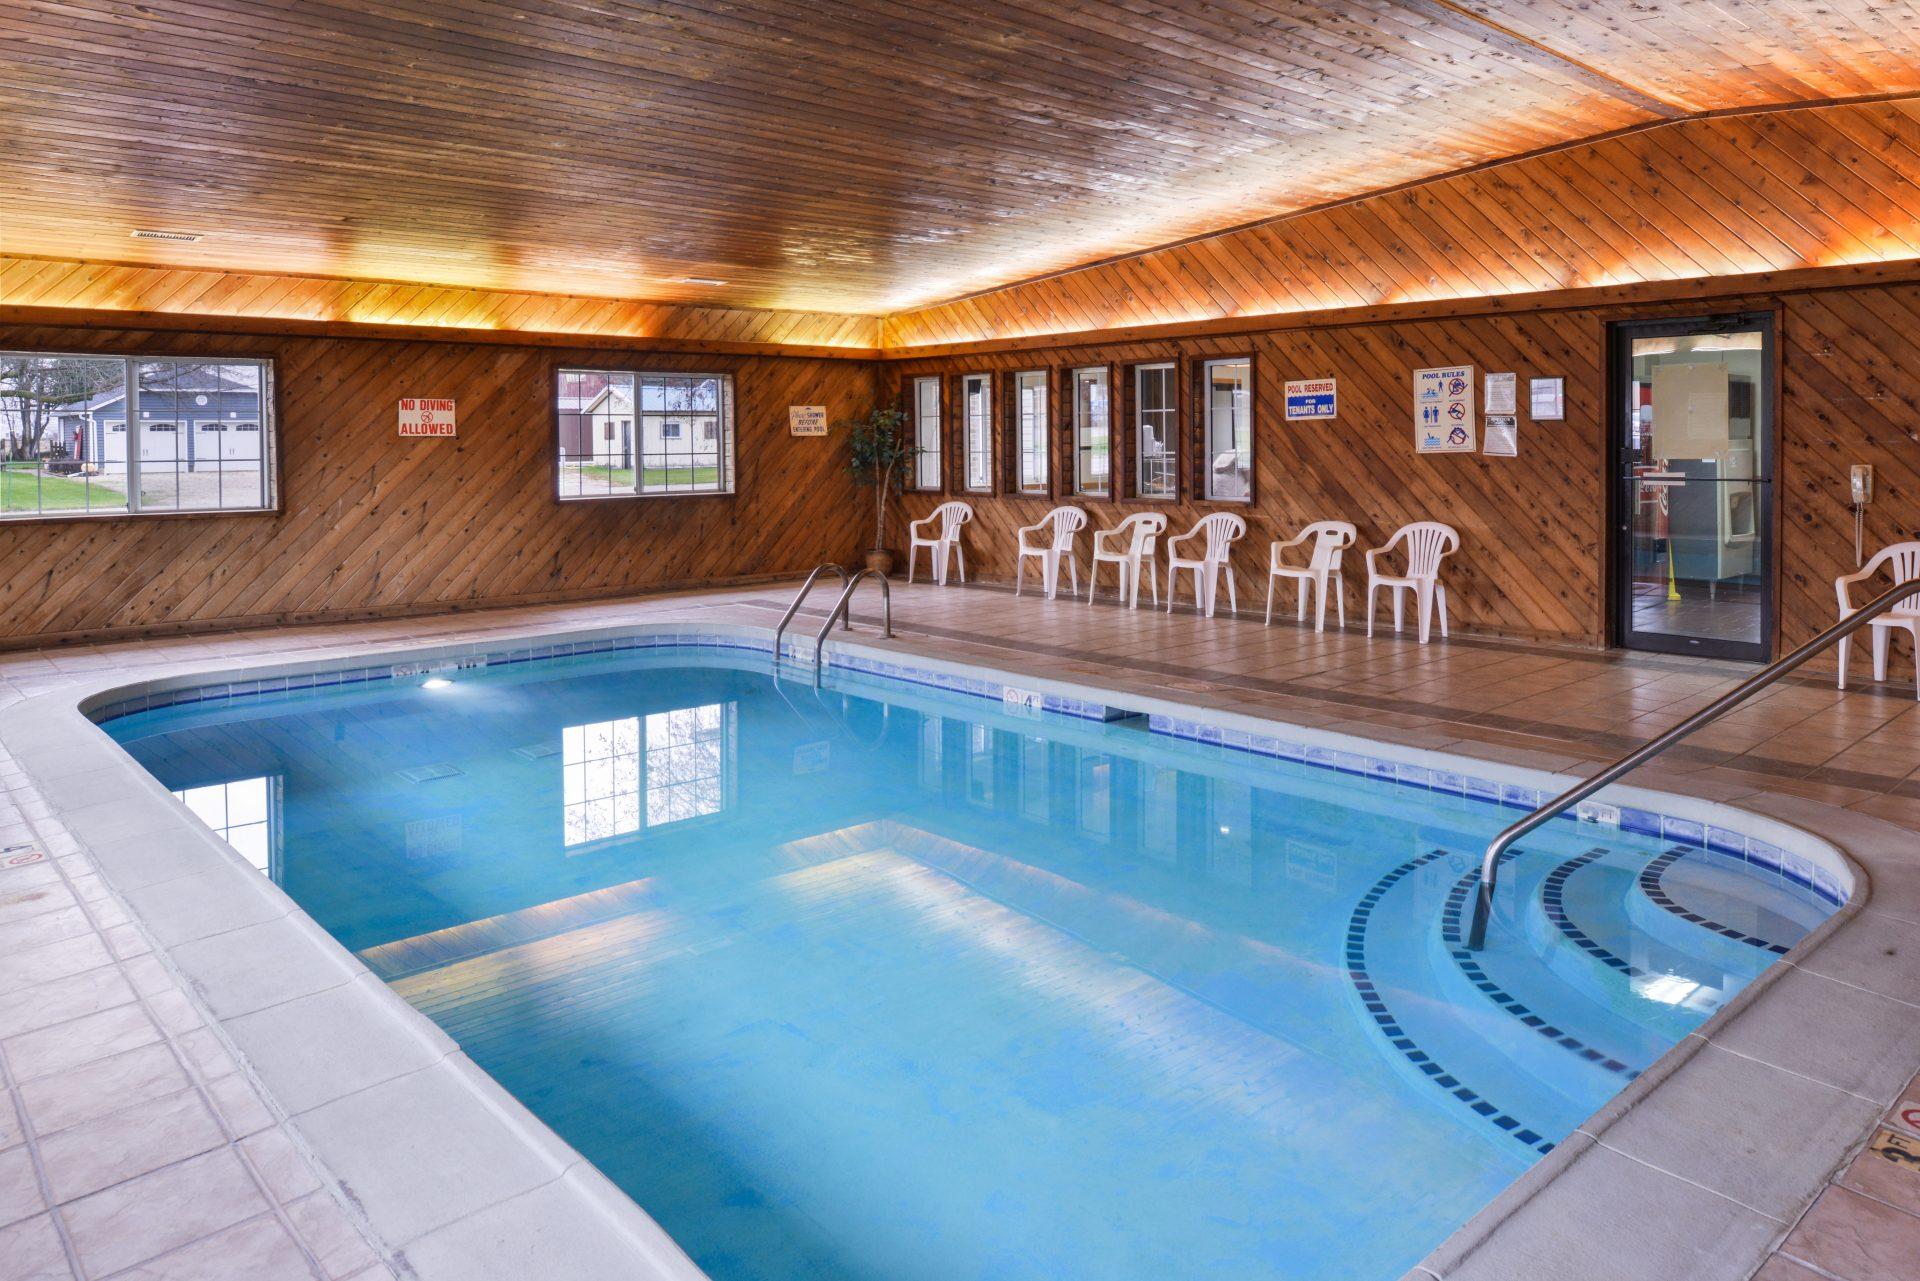 Regency Inn Geneseo - Indoor Pool